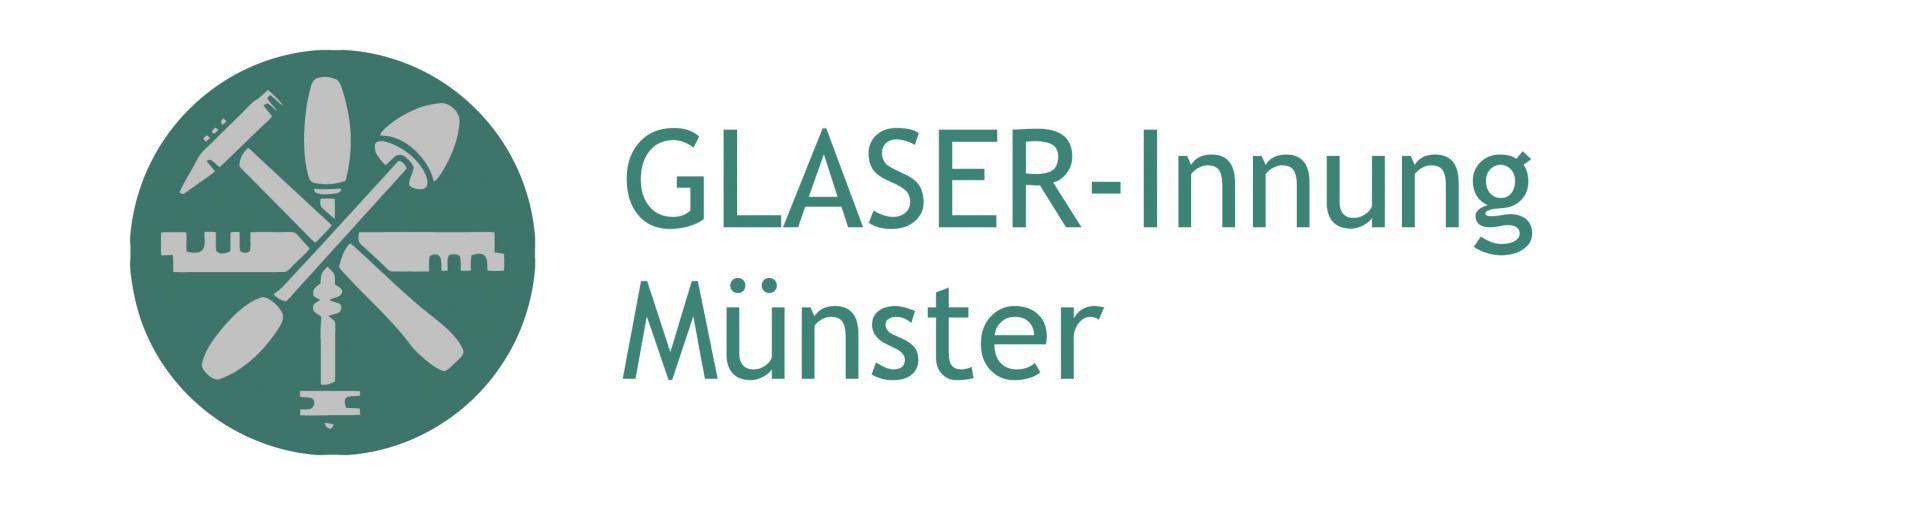 Glaser‐Innung Münster